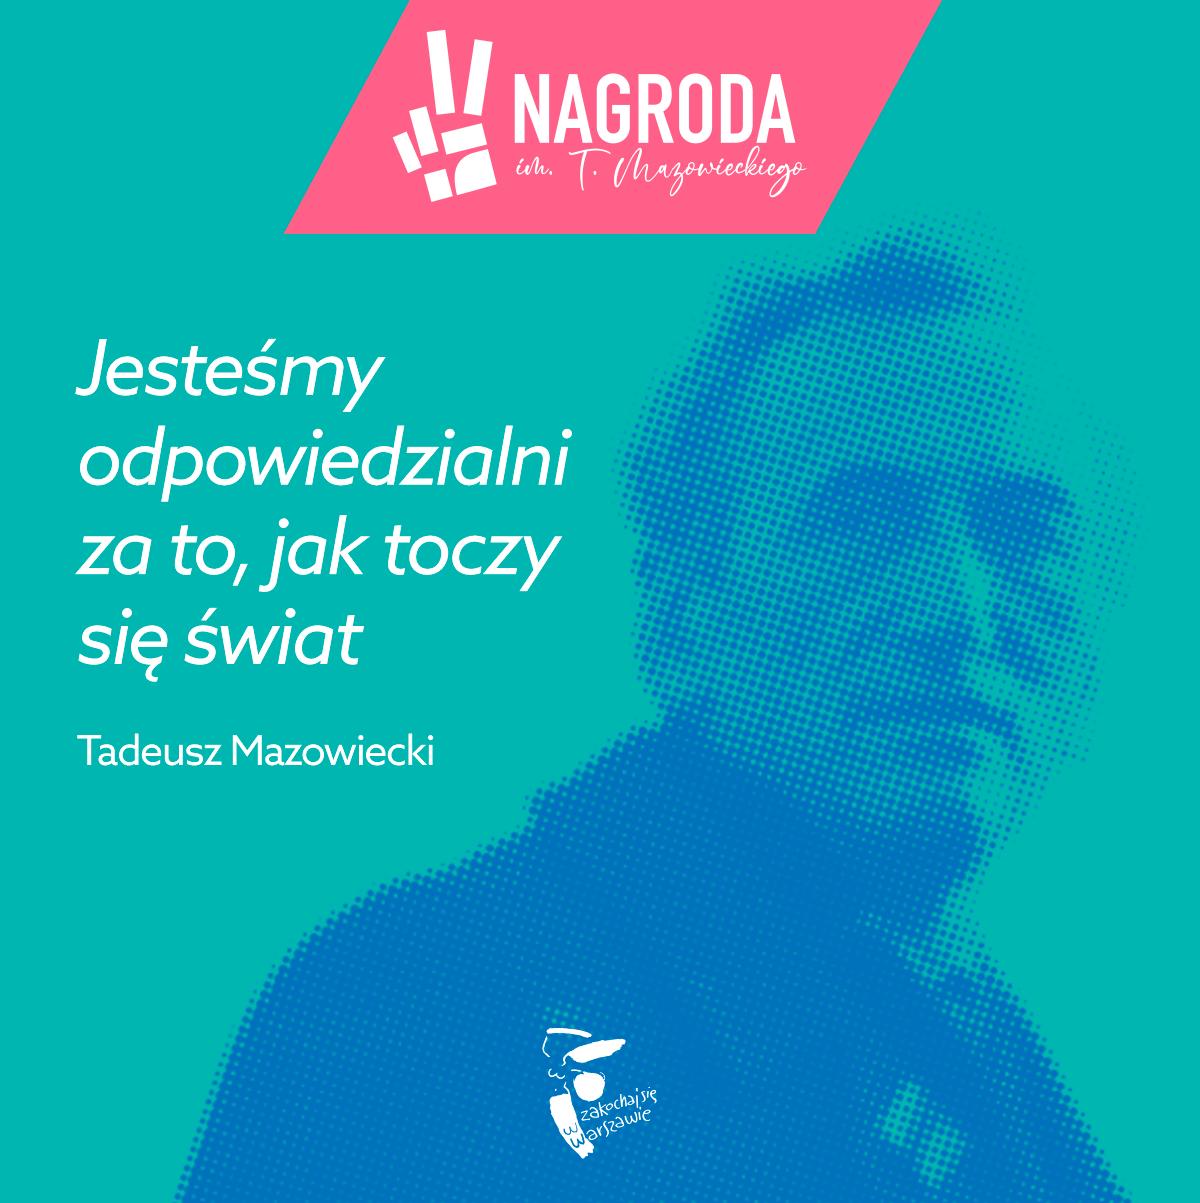 I edycja Nagrody Prezydenta m.st. Warszawy im. Tadeusza Mazowieckiego 2020